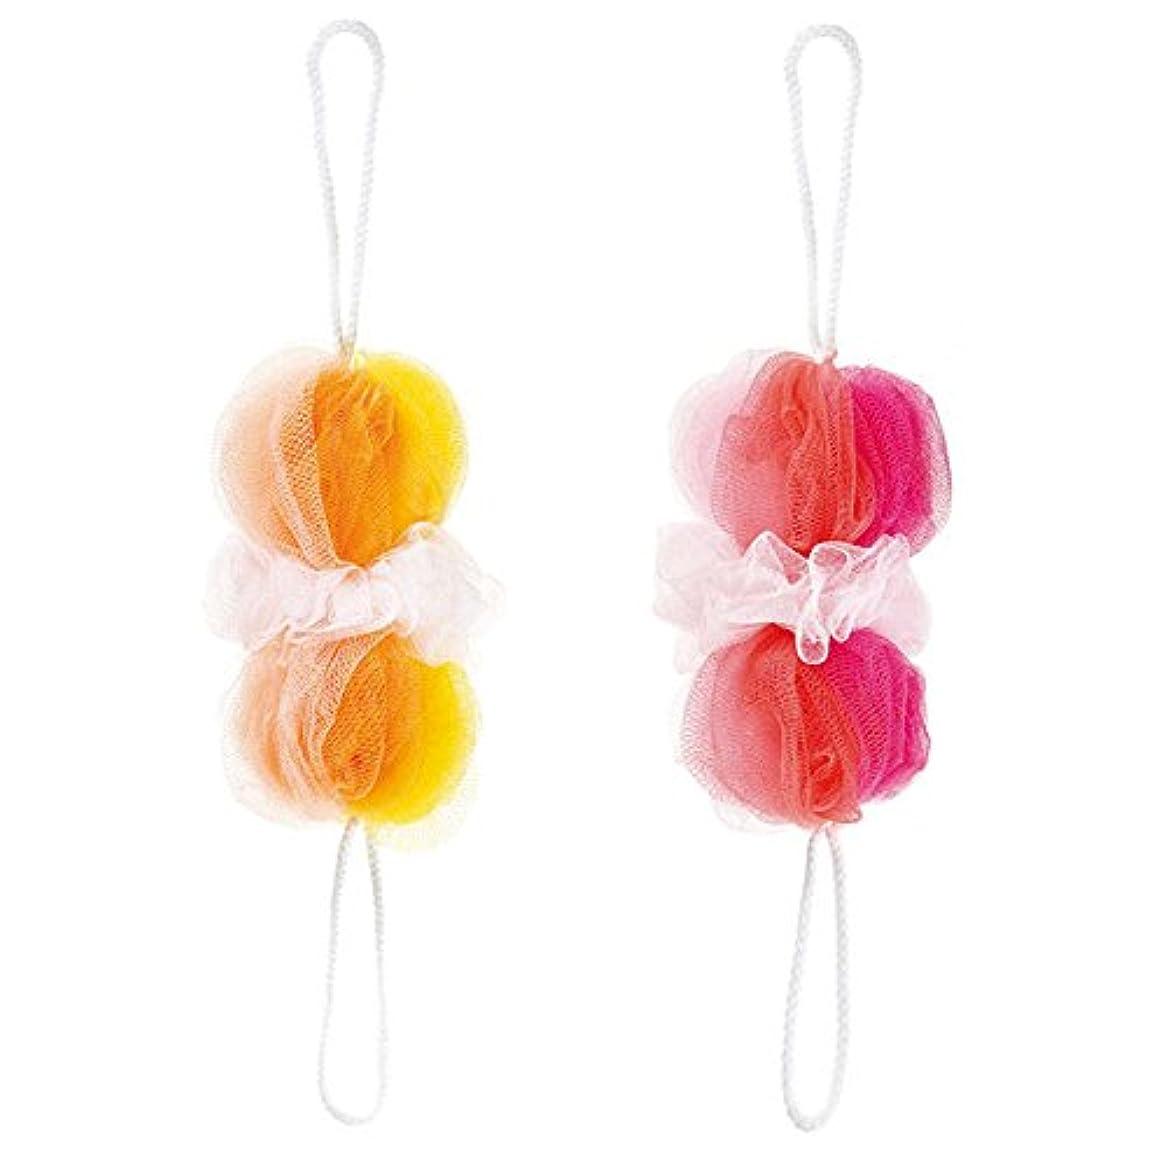 マーナ 背中も洗えるシャボンボール ミックス 2色セット(P&Y)